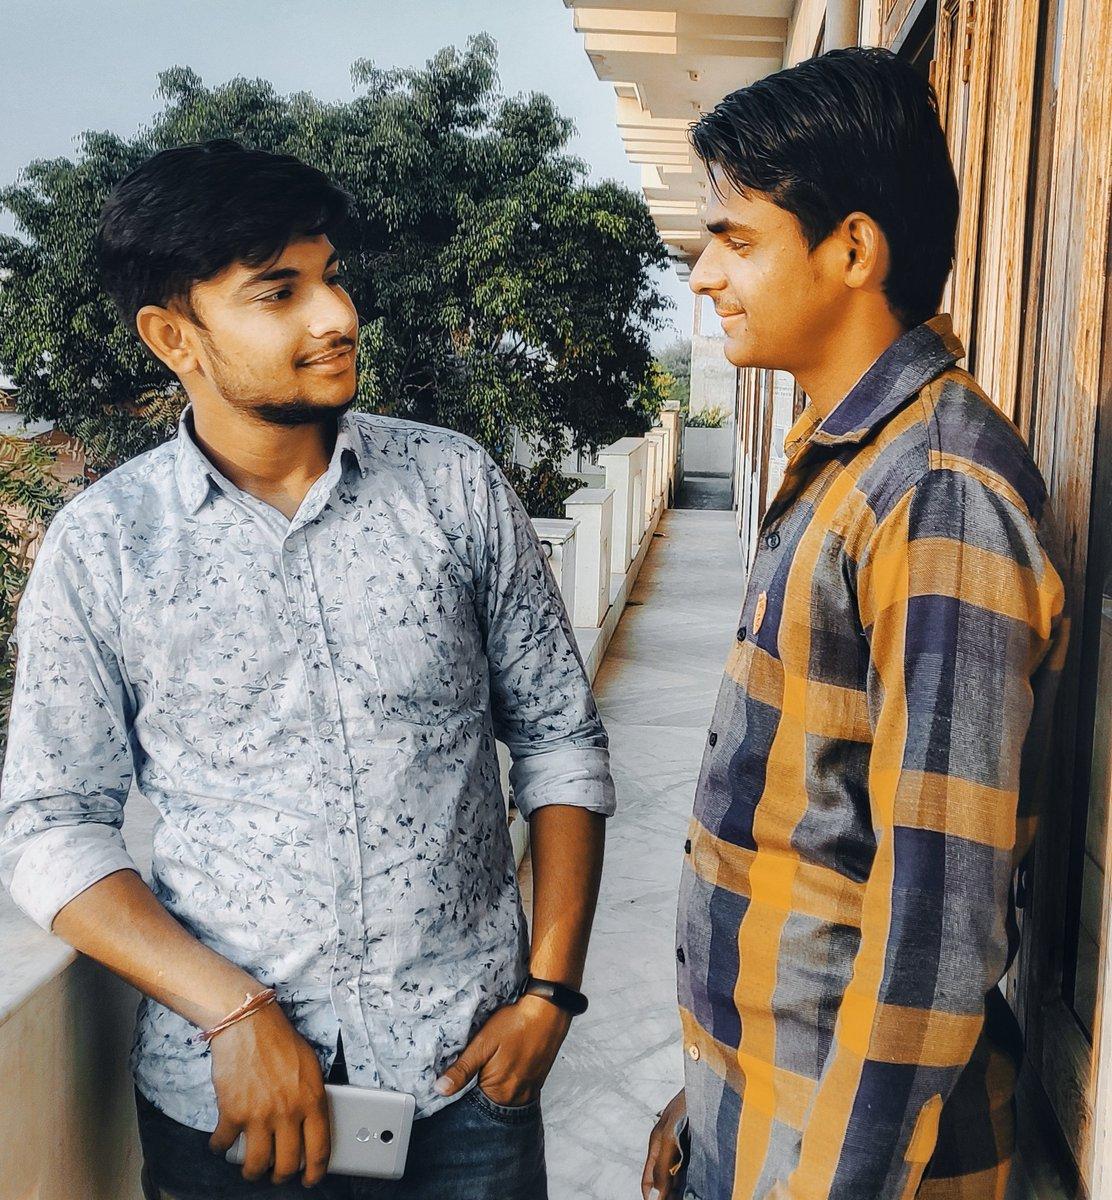 दोस्ती वह नही जो रोज बने  दोस्ती वह है जो एक बार बने  तो ताउम्र रहे। #हिंदी_शब्द #हिंदी #ह @Y9lbNSRkcYnEa8M